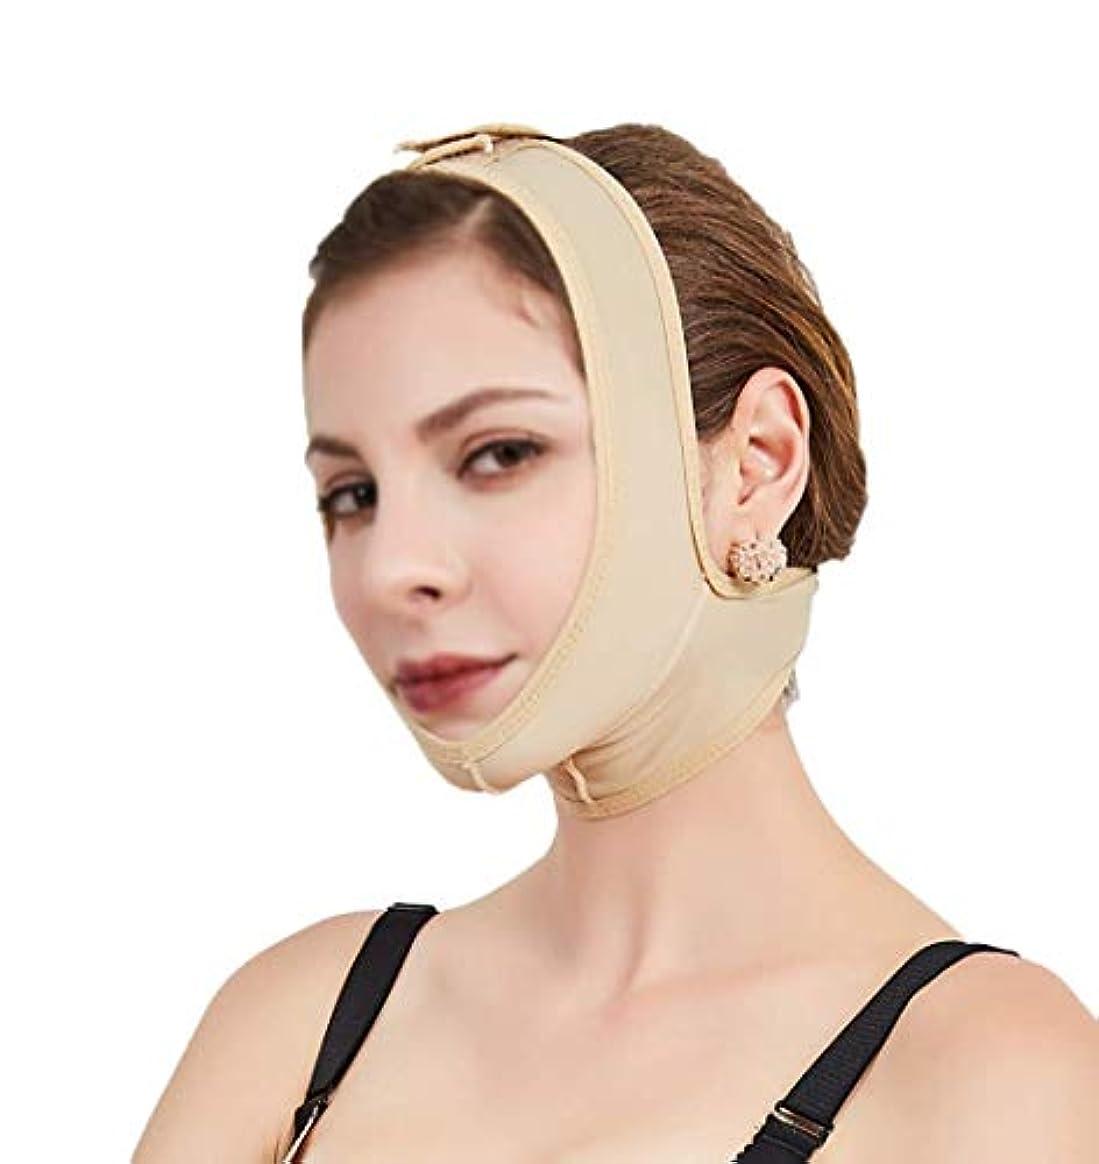 線タッチ憂鬱なフェイスアンドネックリフトポストエラスティックスリーブ下顎骨セットフェイスアーティファクトVフェイスフェイシャルフェイスバンドルダブルチンマスク(サイズ:XS)